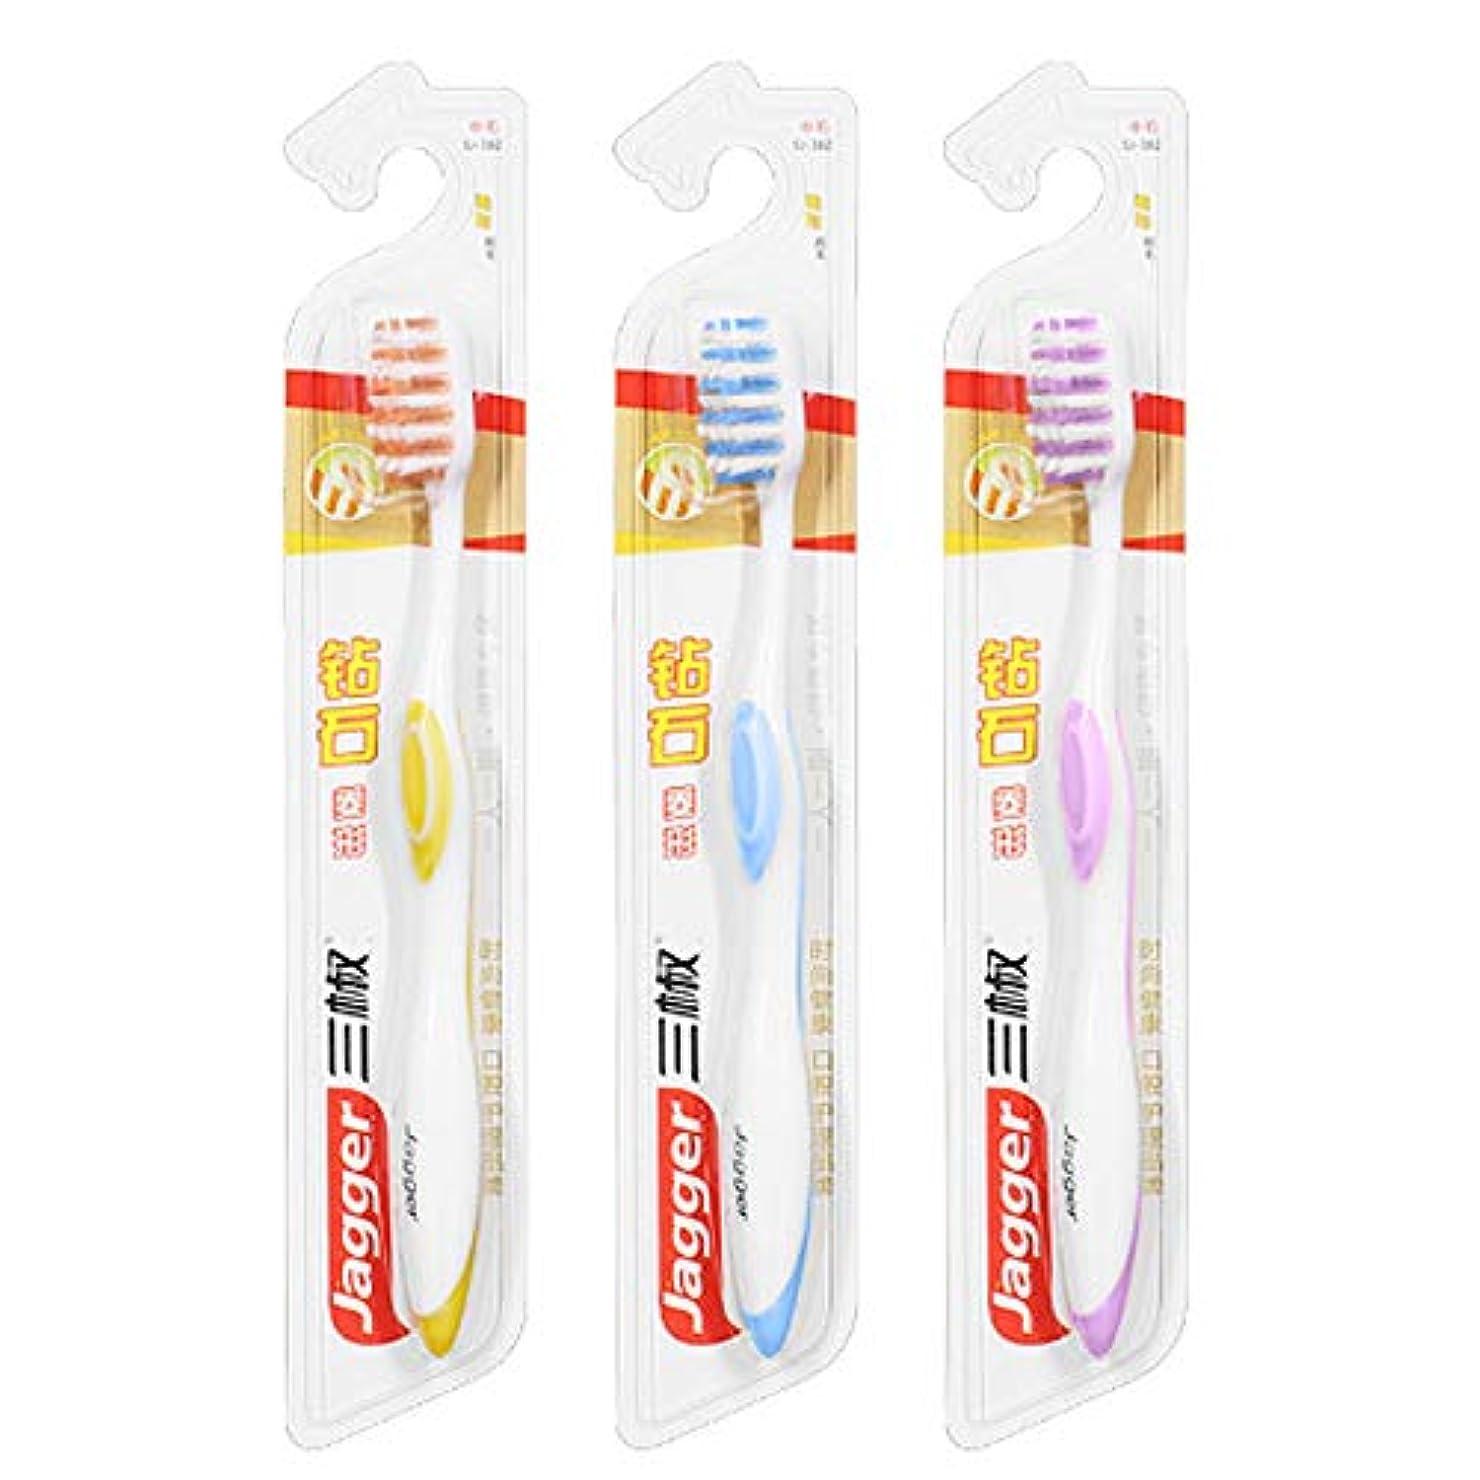 乳白油意図的家庭用自給式掃除用歯ブラシ、2色デンタルケア製品、手動歯ブラシ